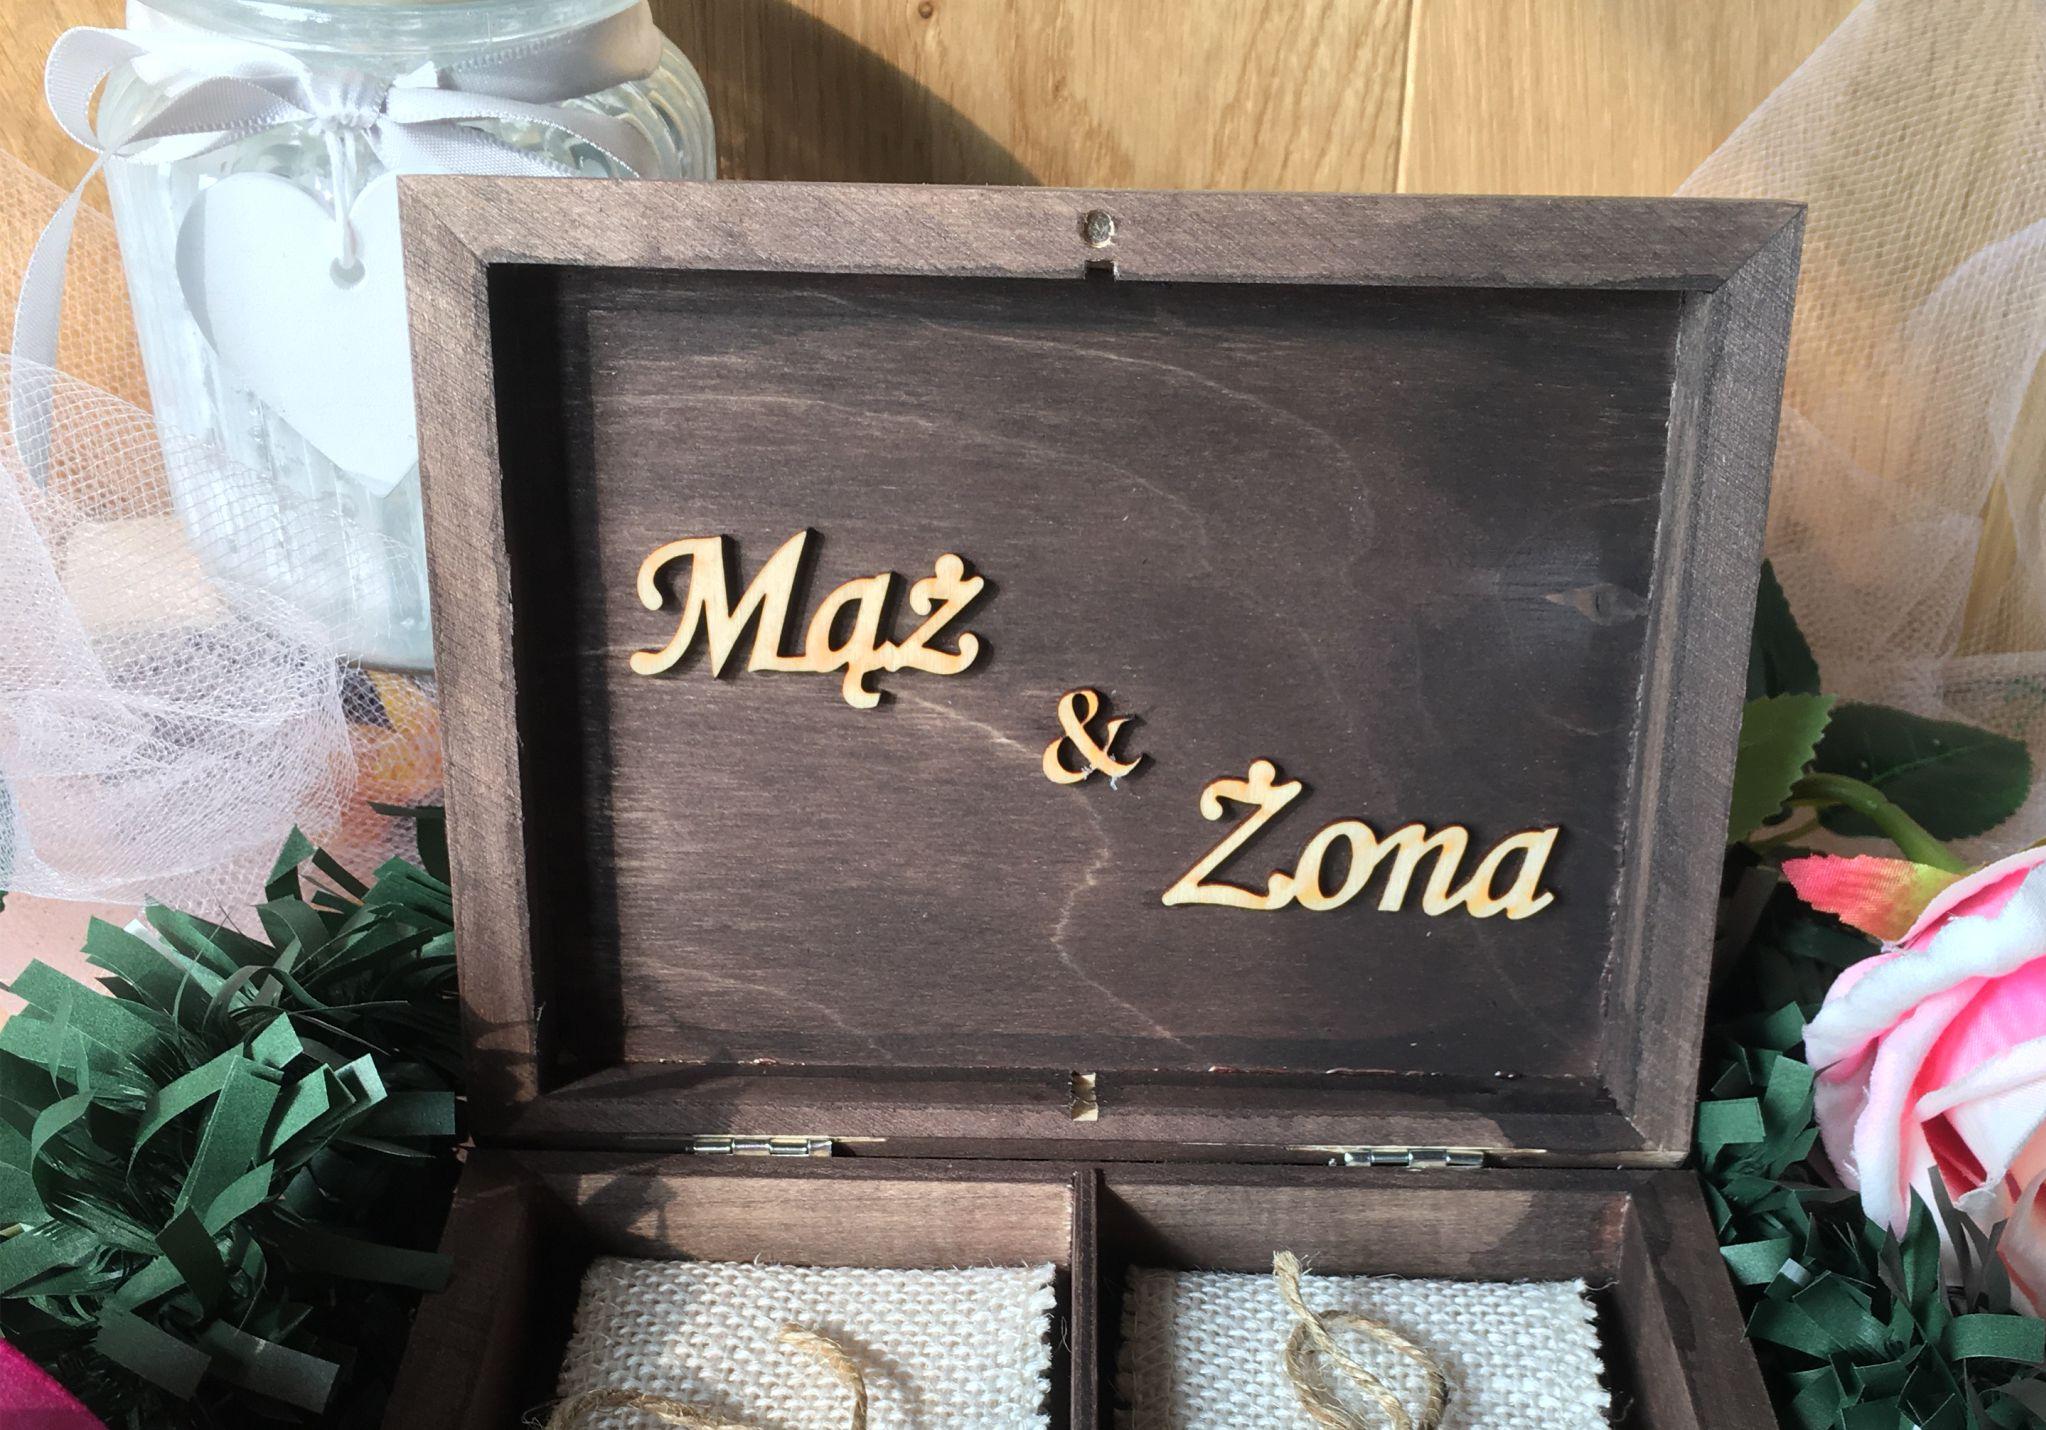 Skrzynka na obrączki prostokątna z napisem Mąż i Żona